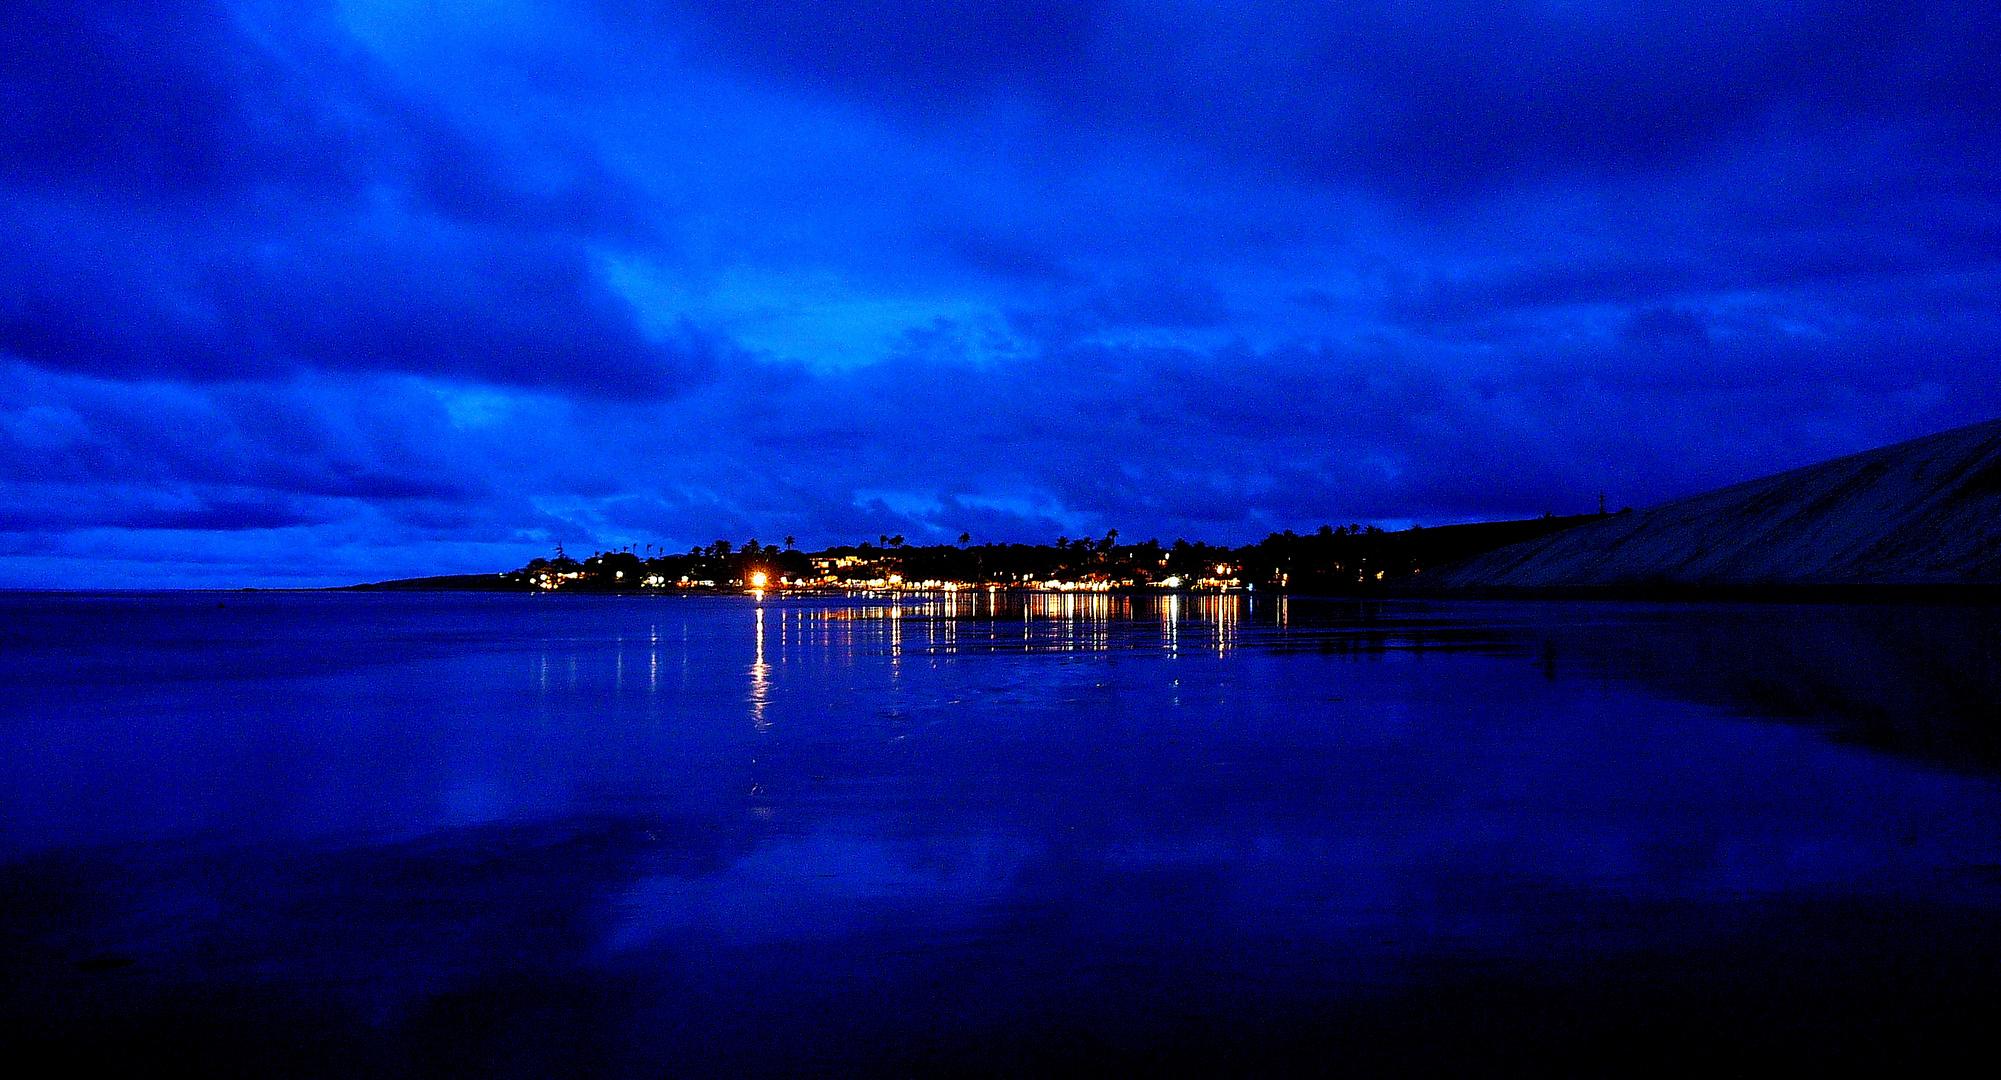 jericoacoara by night